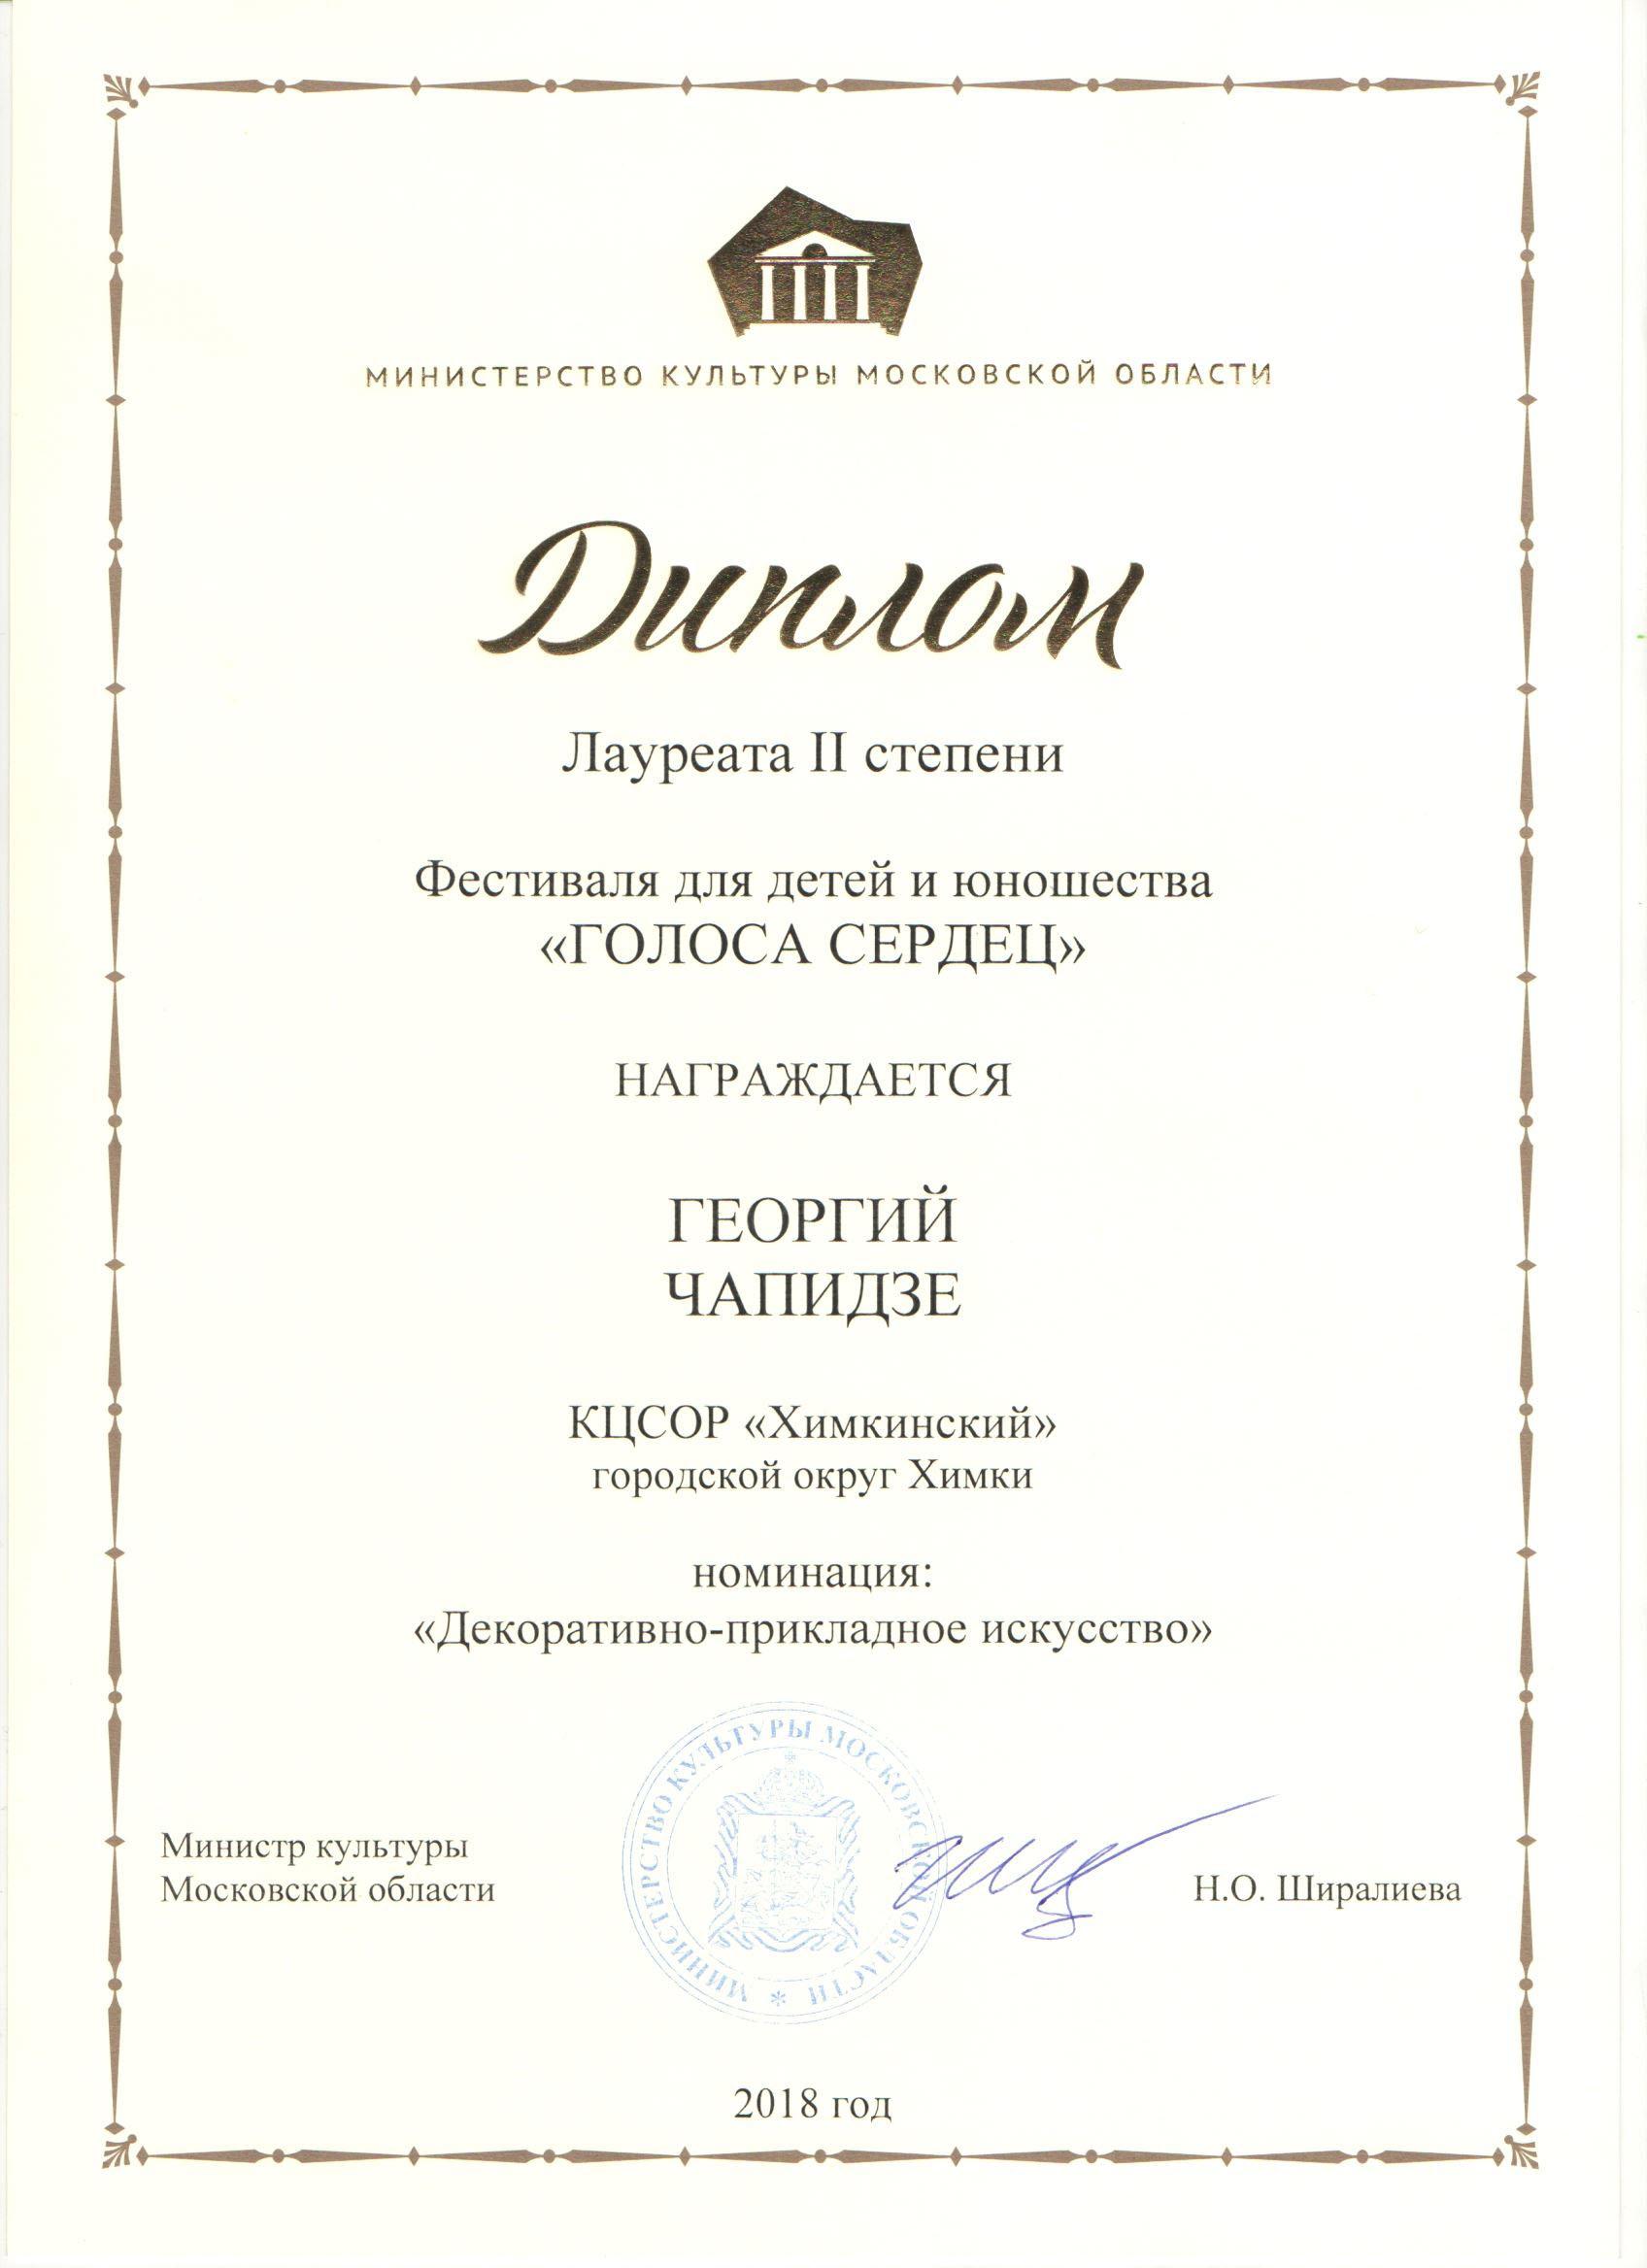 """Диплом Лауреата II степени Фестиваля для детей и юношества """"Голоса сердец"""""""